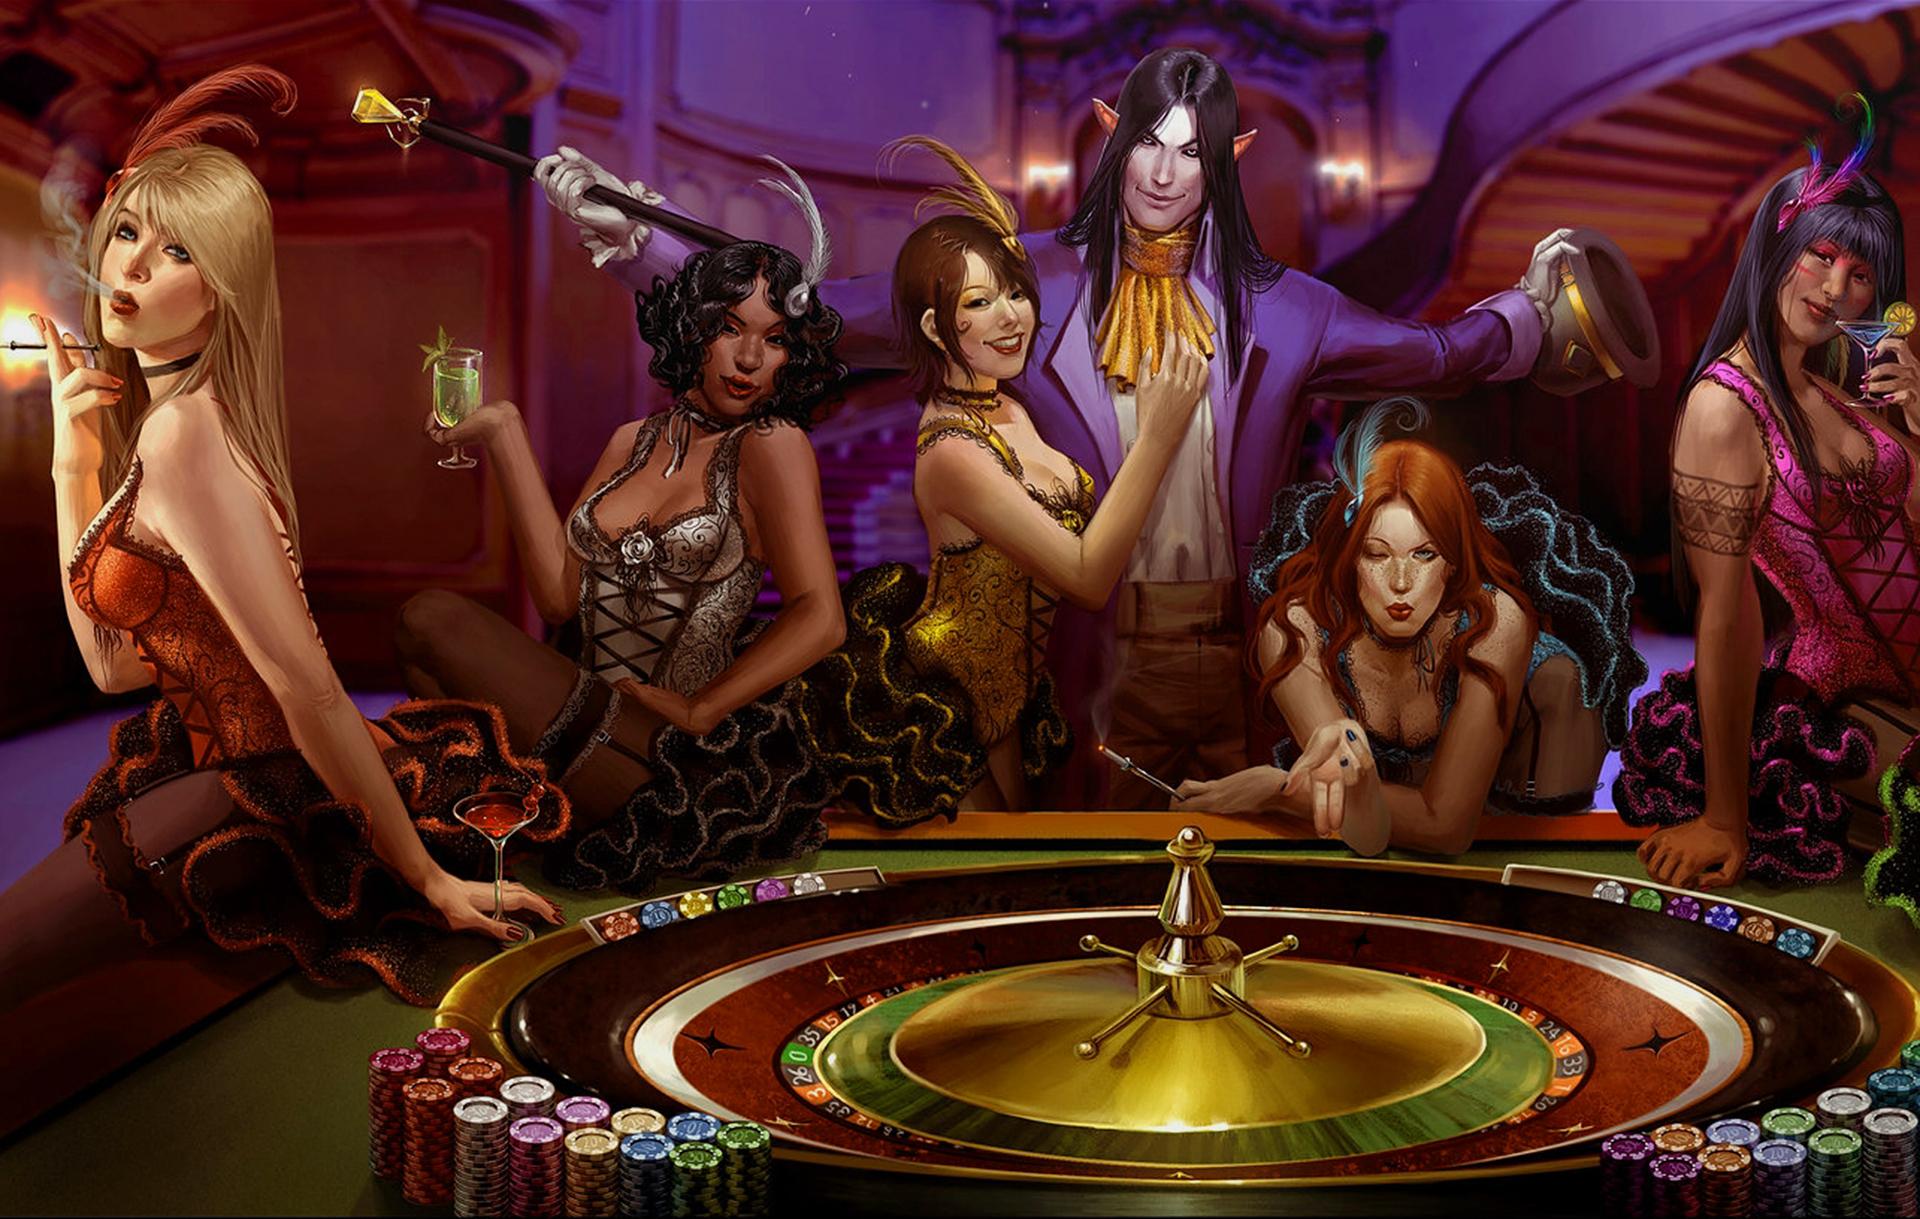 Casino fantasy casino in south hampton pa